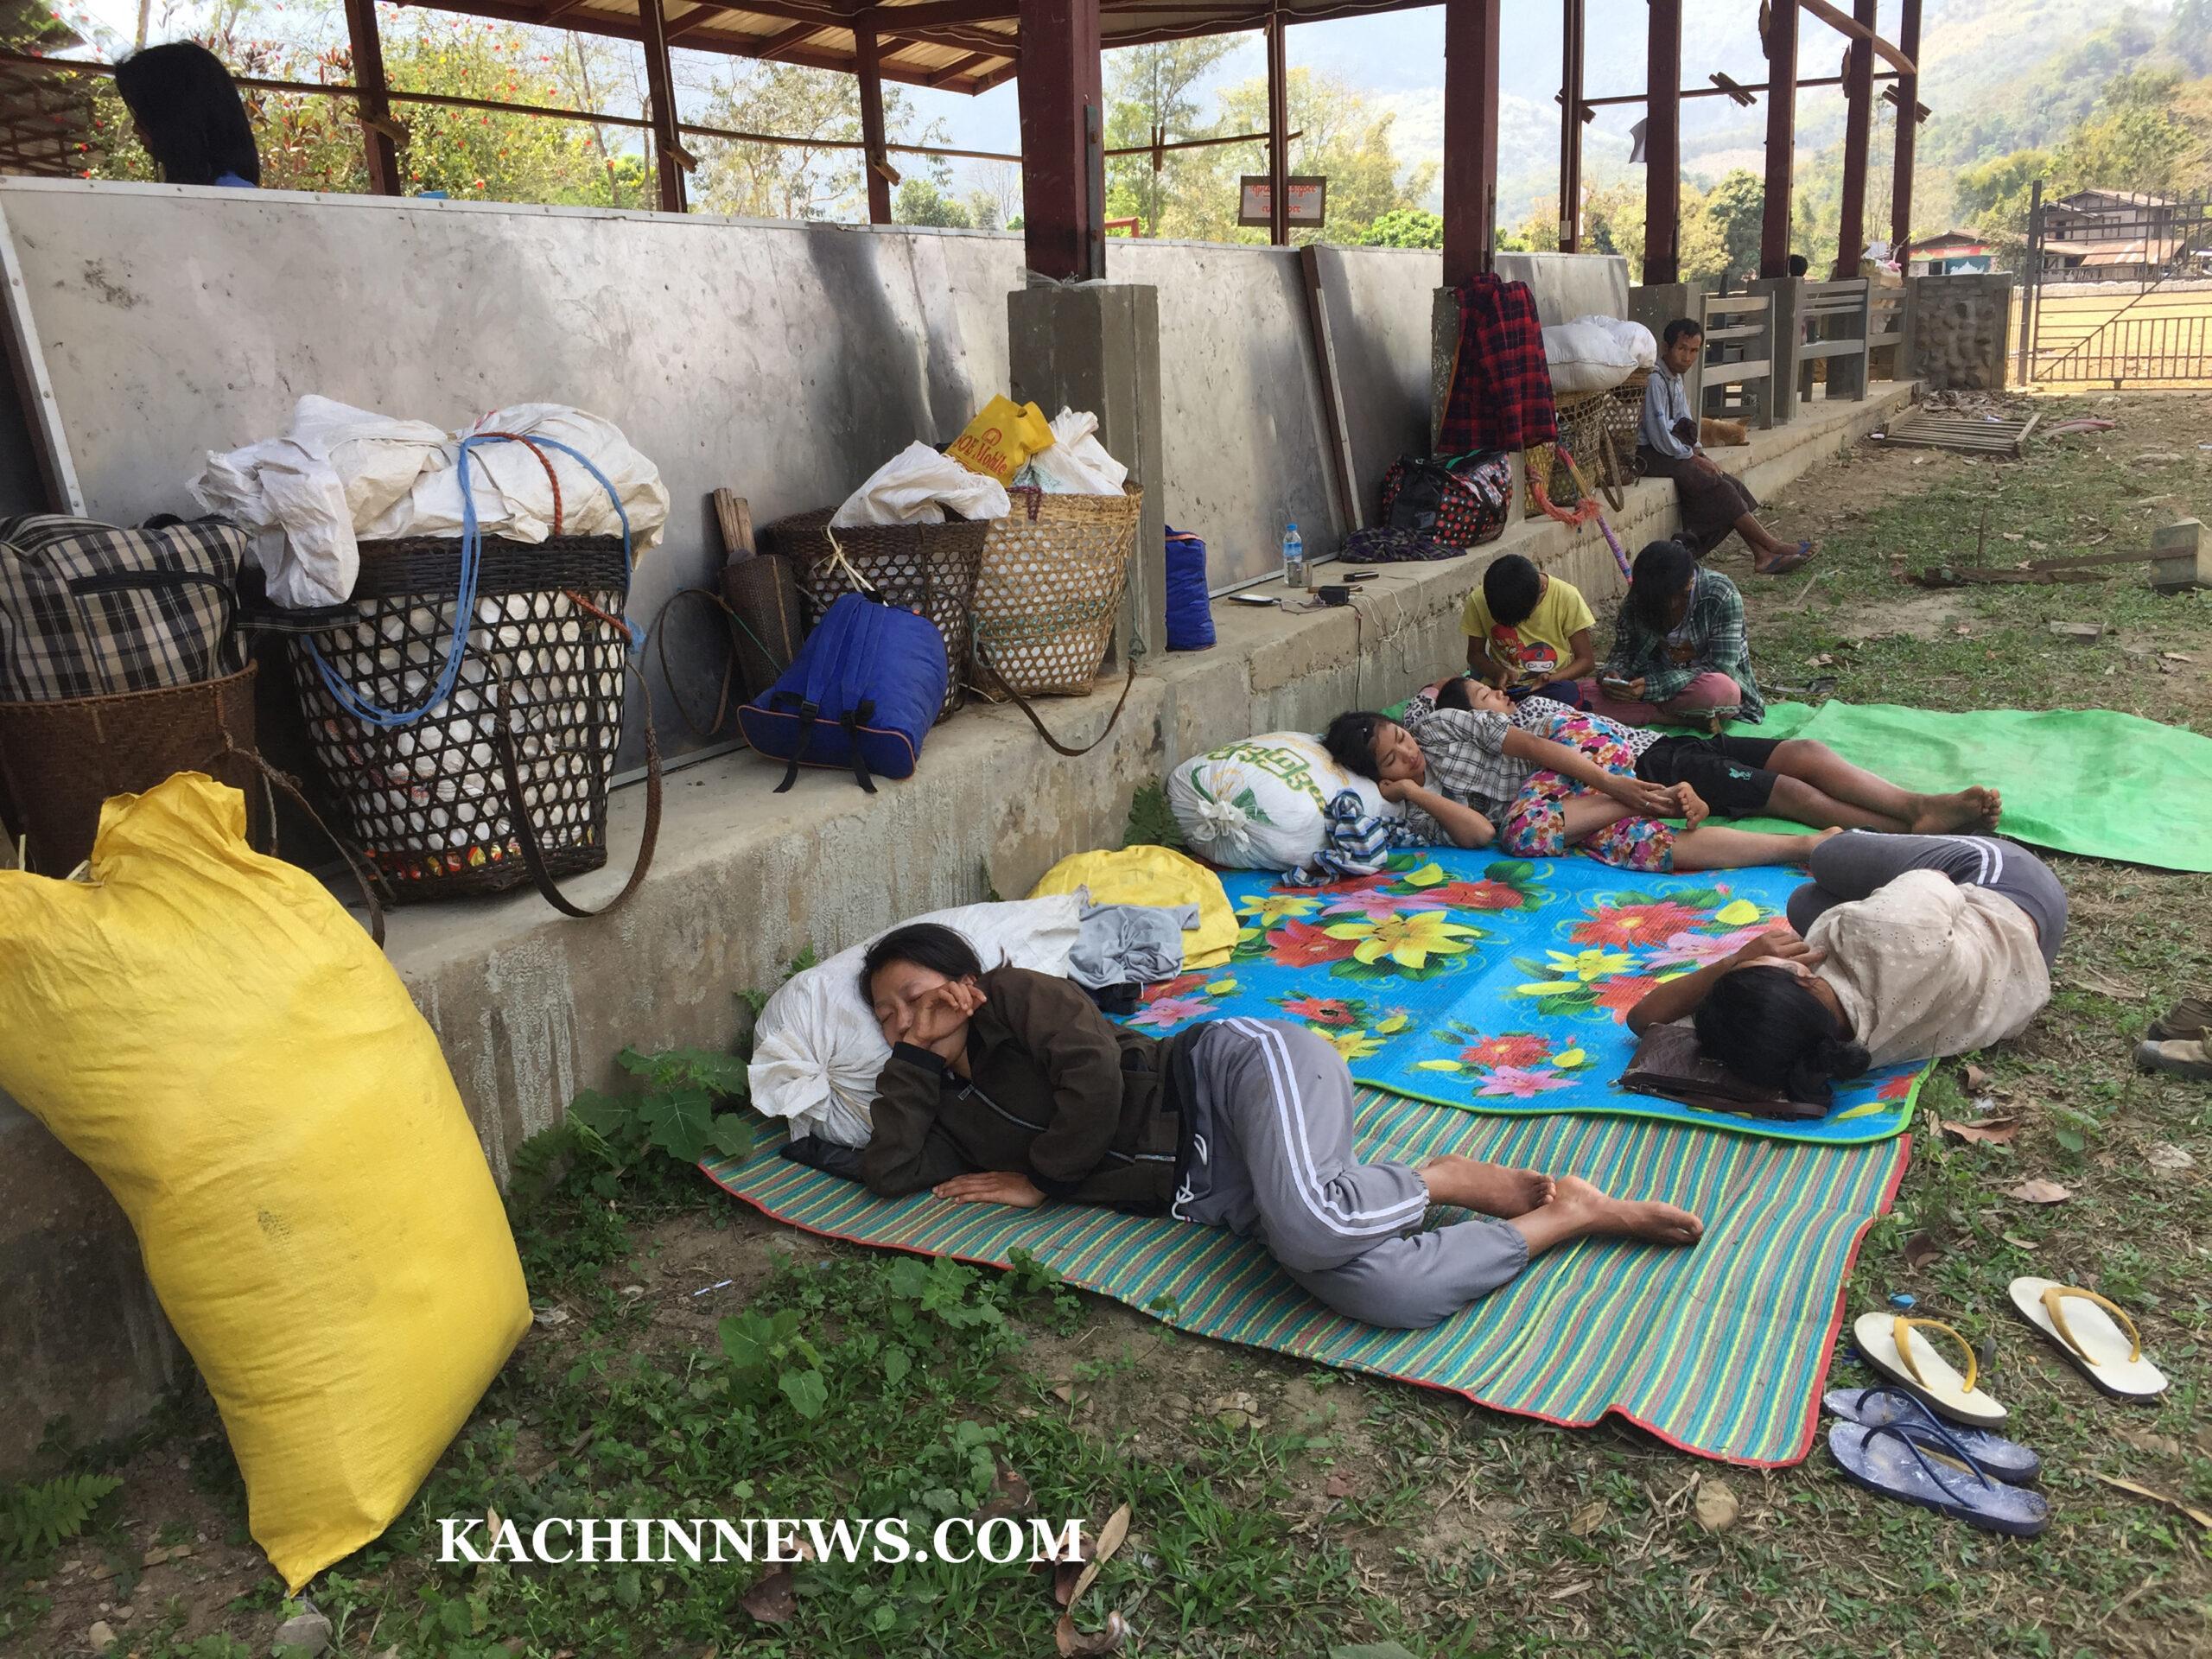 အင်ဂျန့်ယာန် စစ်ရှောင်များကို ပလန စစ်ရှောင် စခန်းသို့ ပြန်လည်နေထိုင်ရန် အာဏာသိမ်းစစ်တပ်က ခွင့်မပြု။